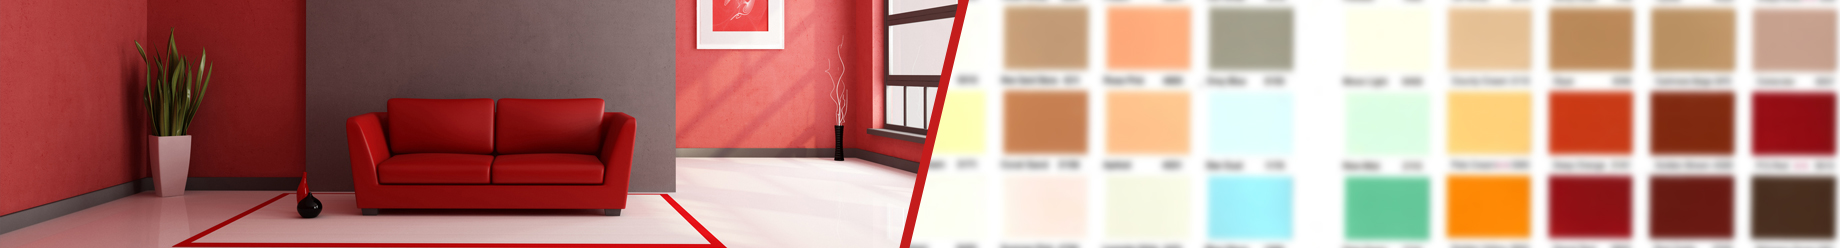 Buxly Paints | » About Buxly Paints